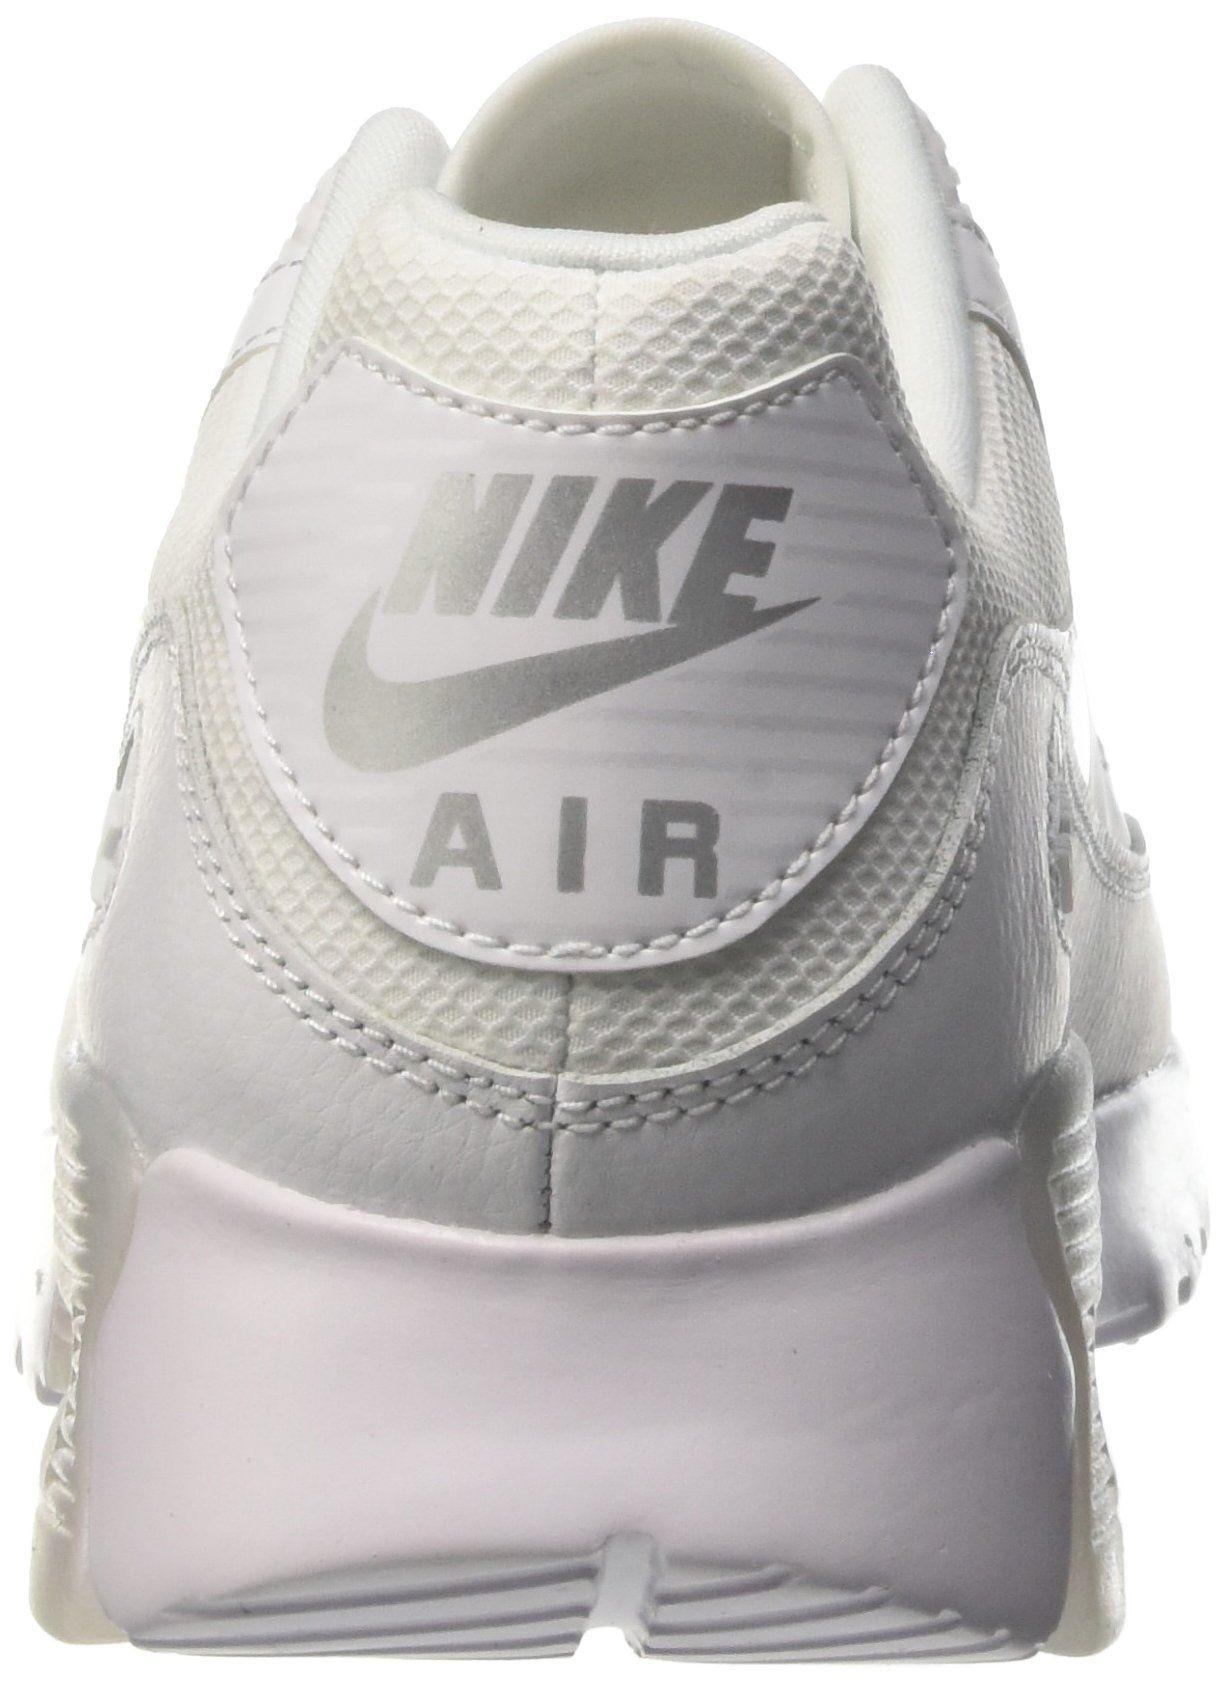 Nike Womens Air Max 90 Ultra Essential White/White